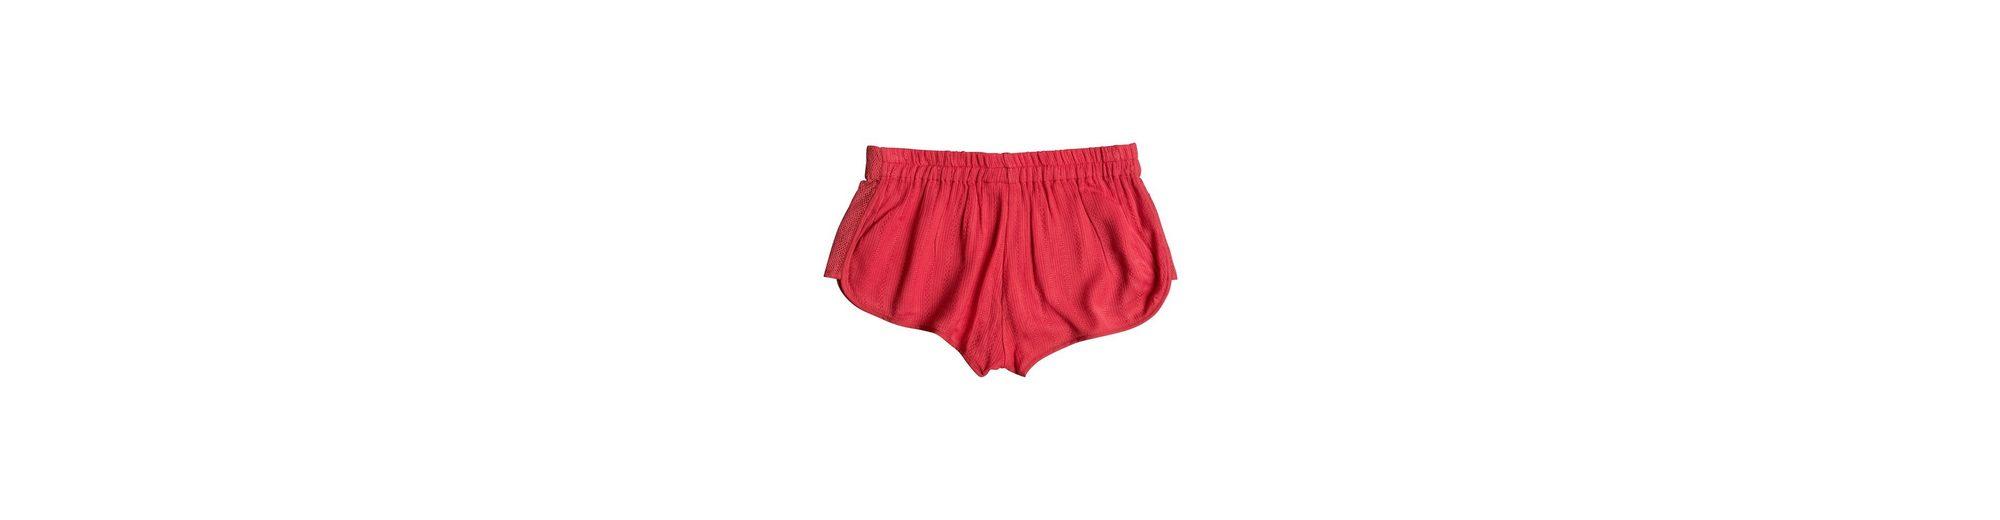 Verkauf Austrittsstellen Roxy Strand-Shorts Surf'N'Go - Strand-Shorts  Wo Zu Kaufen In Deutschland Gutes Verkauf Günstiger Preis Wqx4jAP